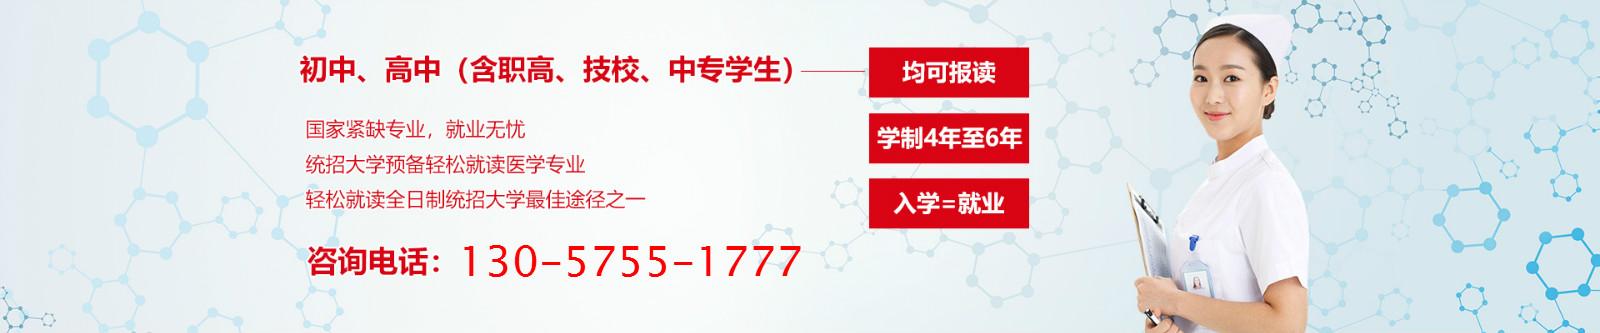 江苏卫生健康职业学院(中职)